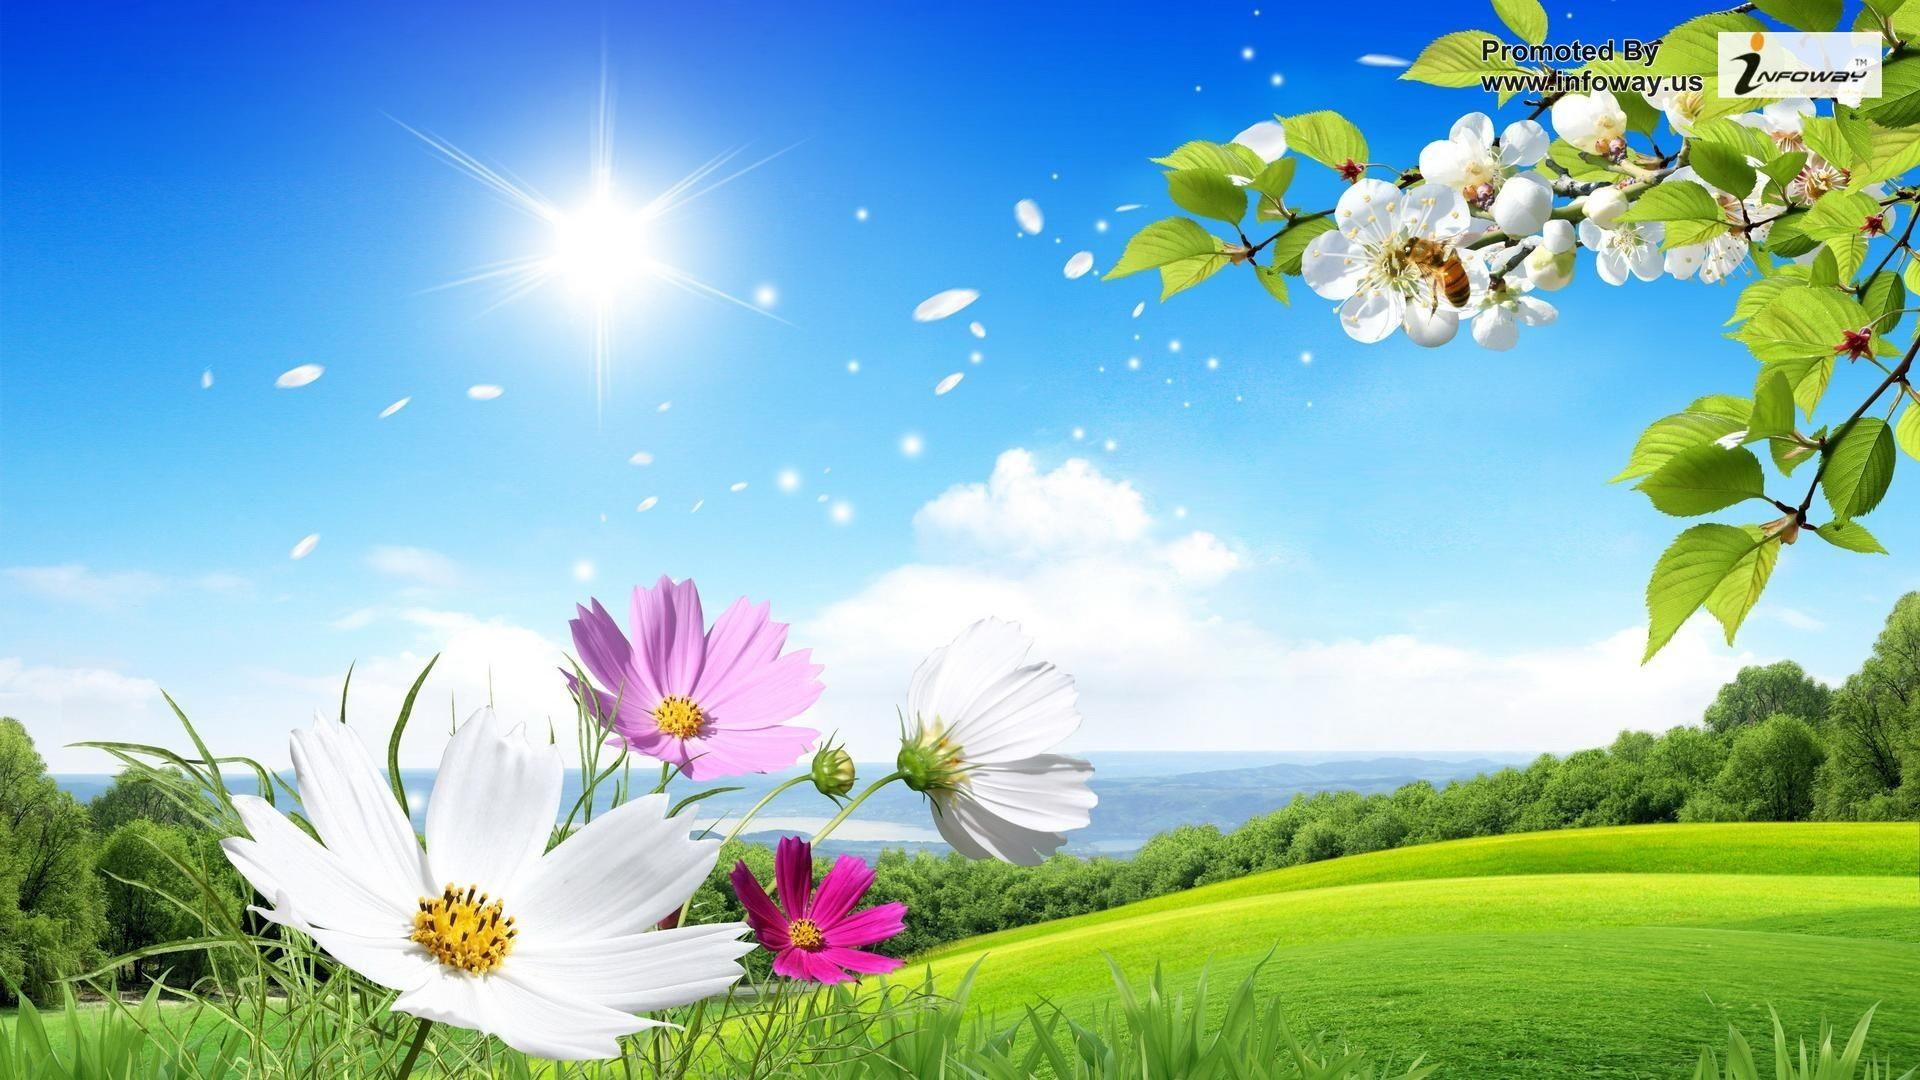 hd wallpapers desktop wallpaper summer flowers beautiful scenery